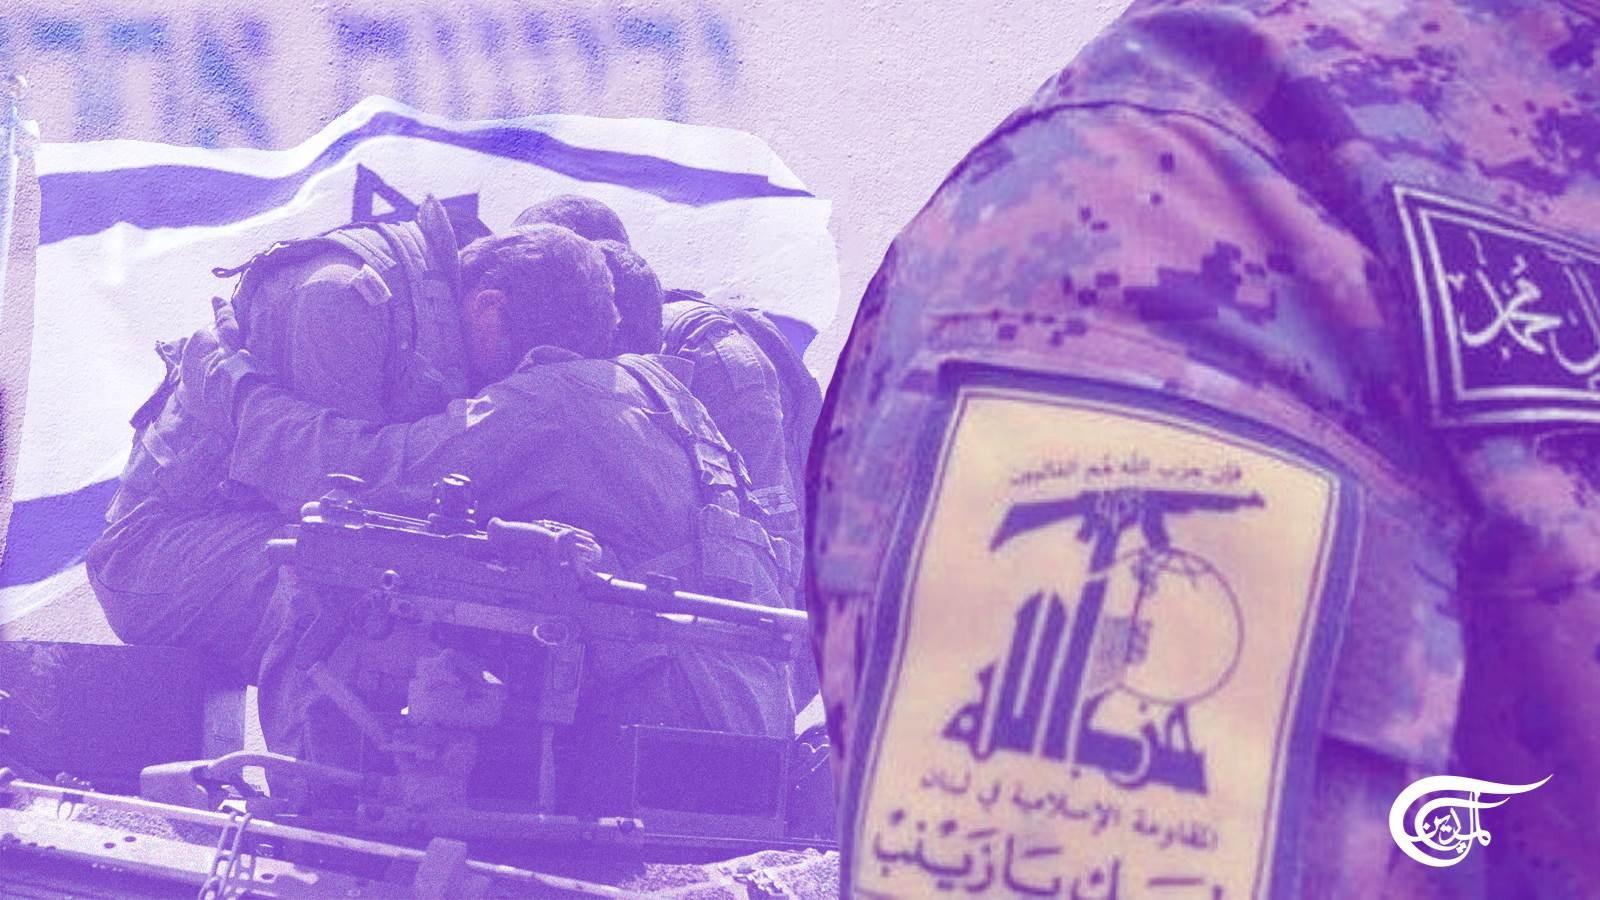 La historia de Hizbullah contada por CounterPunch